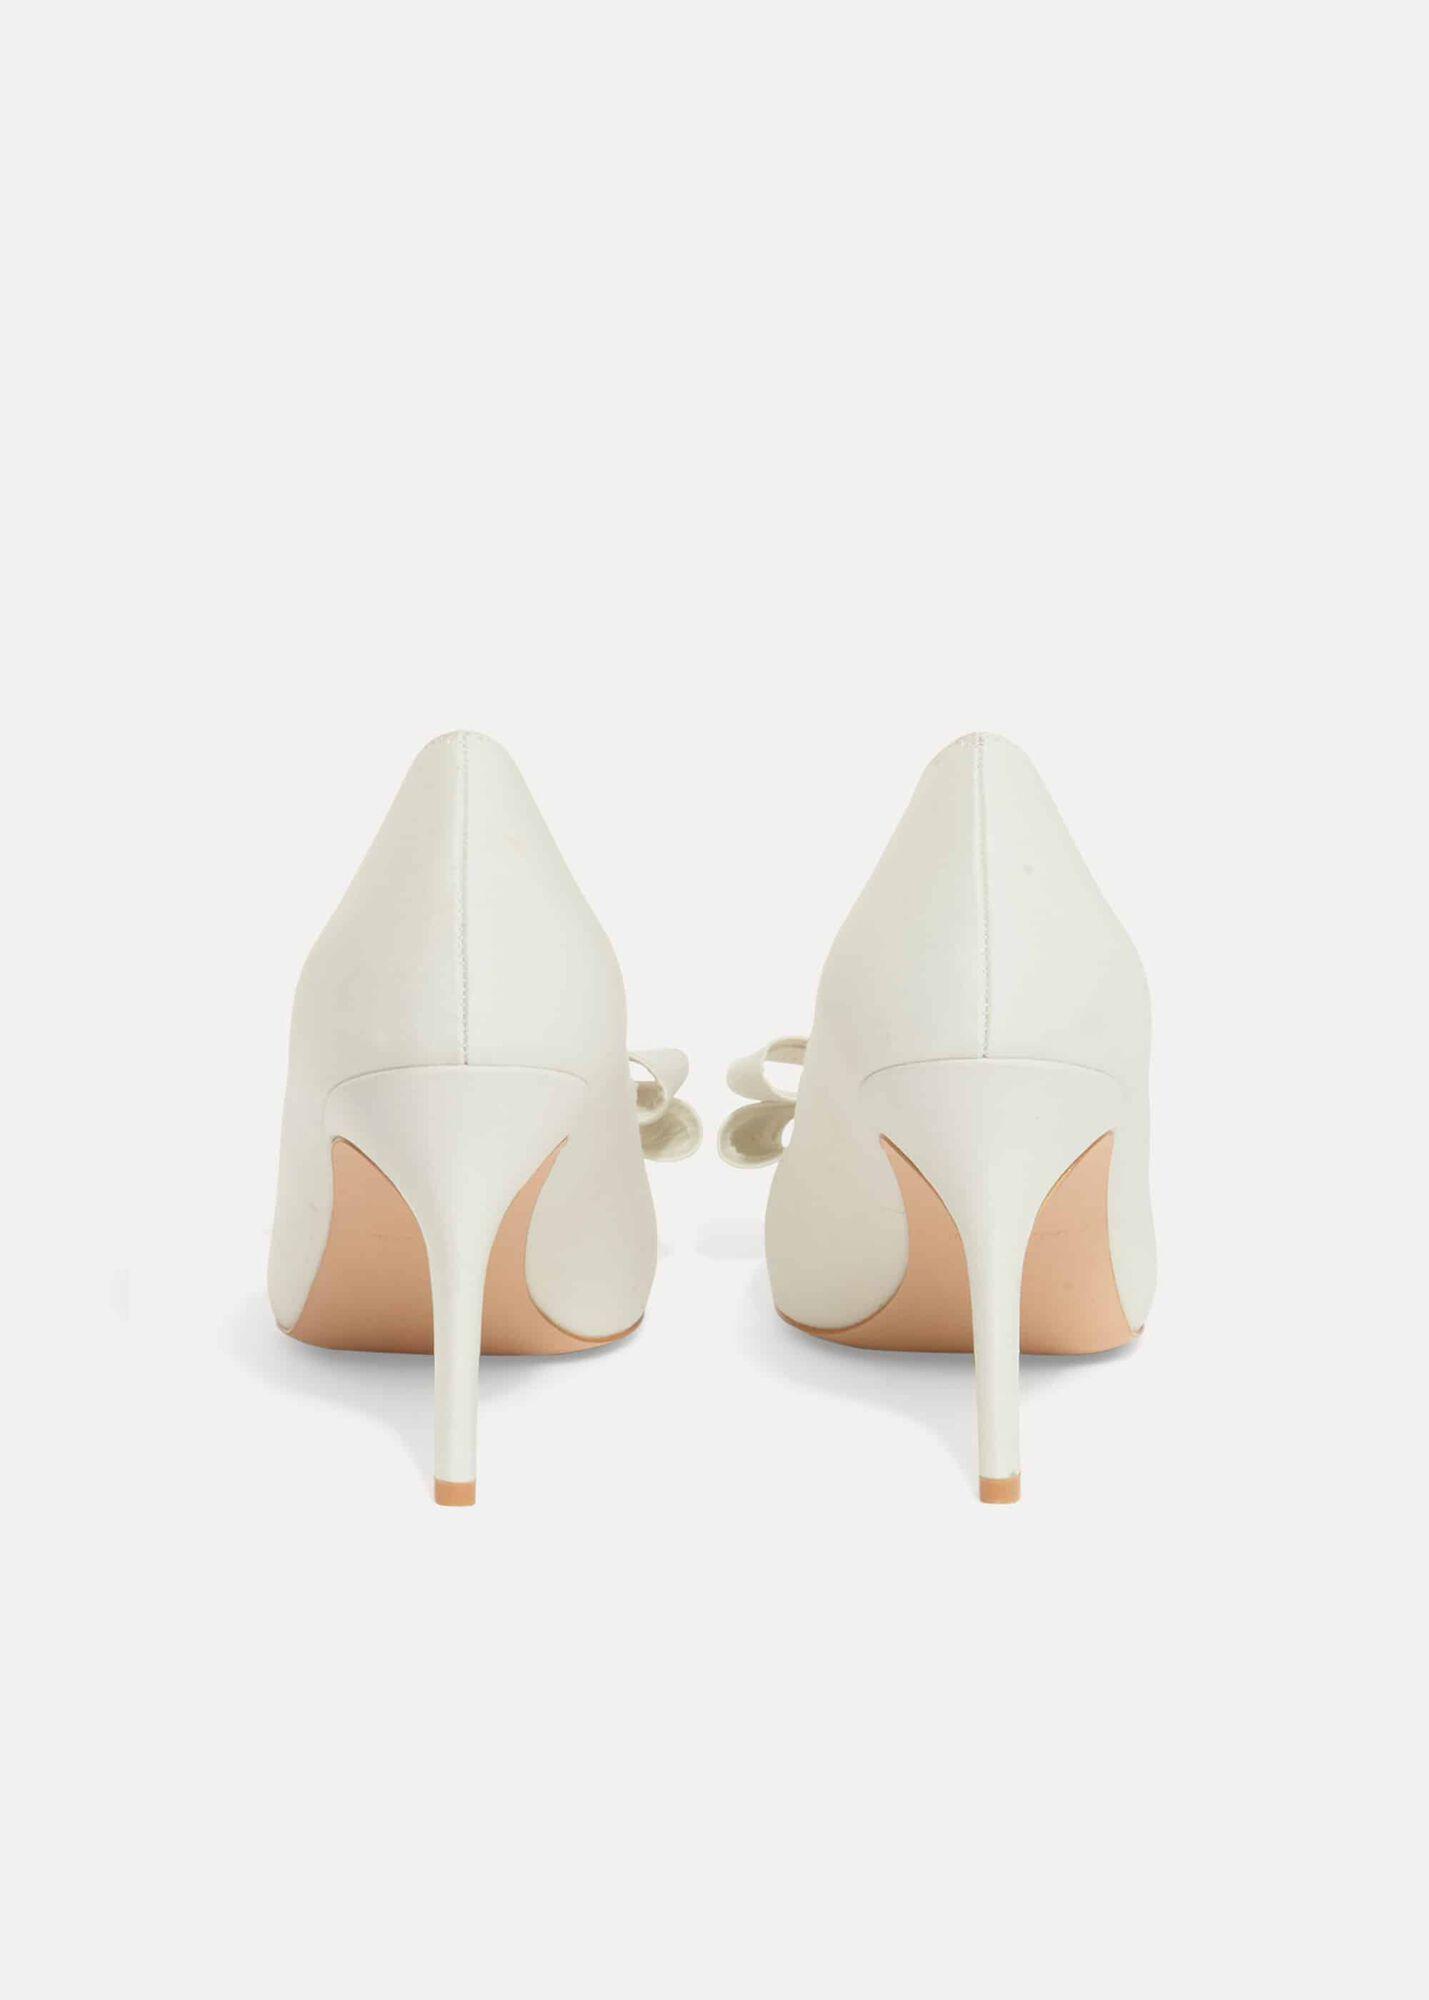 eb4405e7e1e Kara Satin Pointed Court Shoes | Phase Eight | Phase Eight